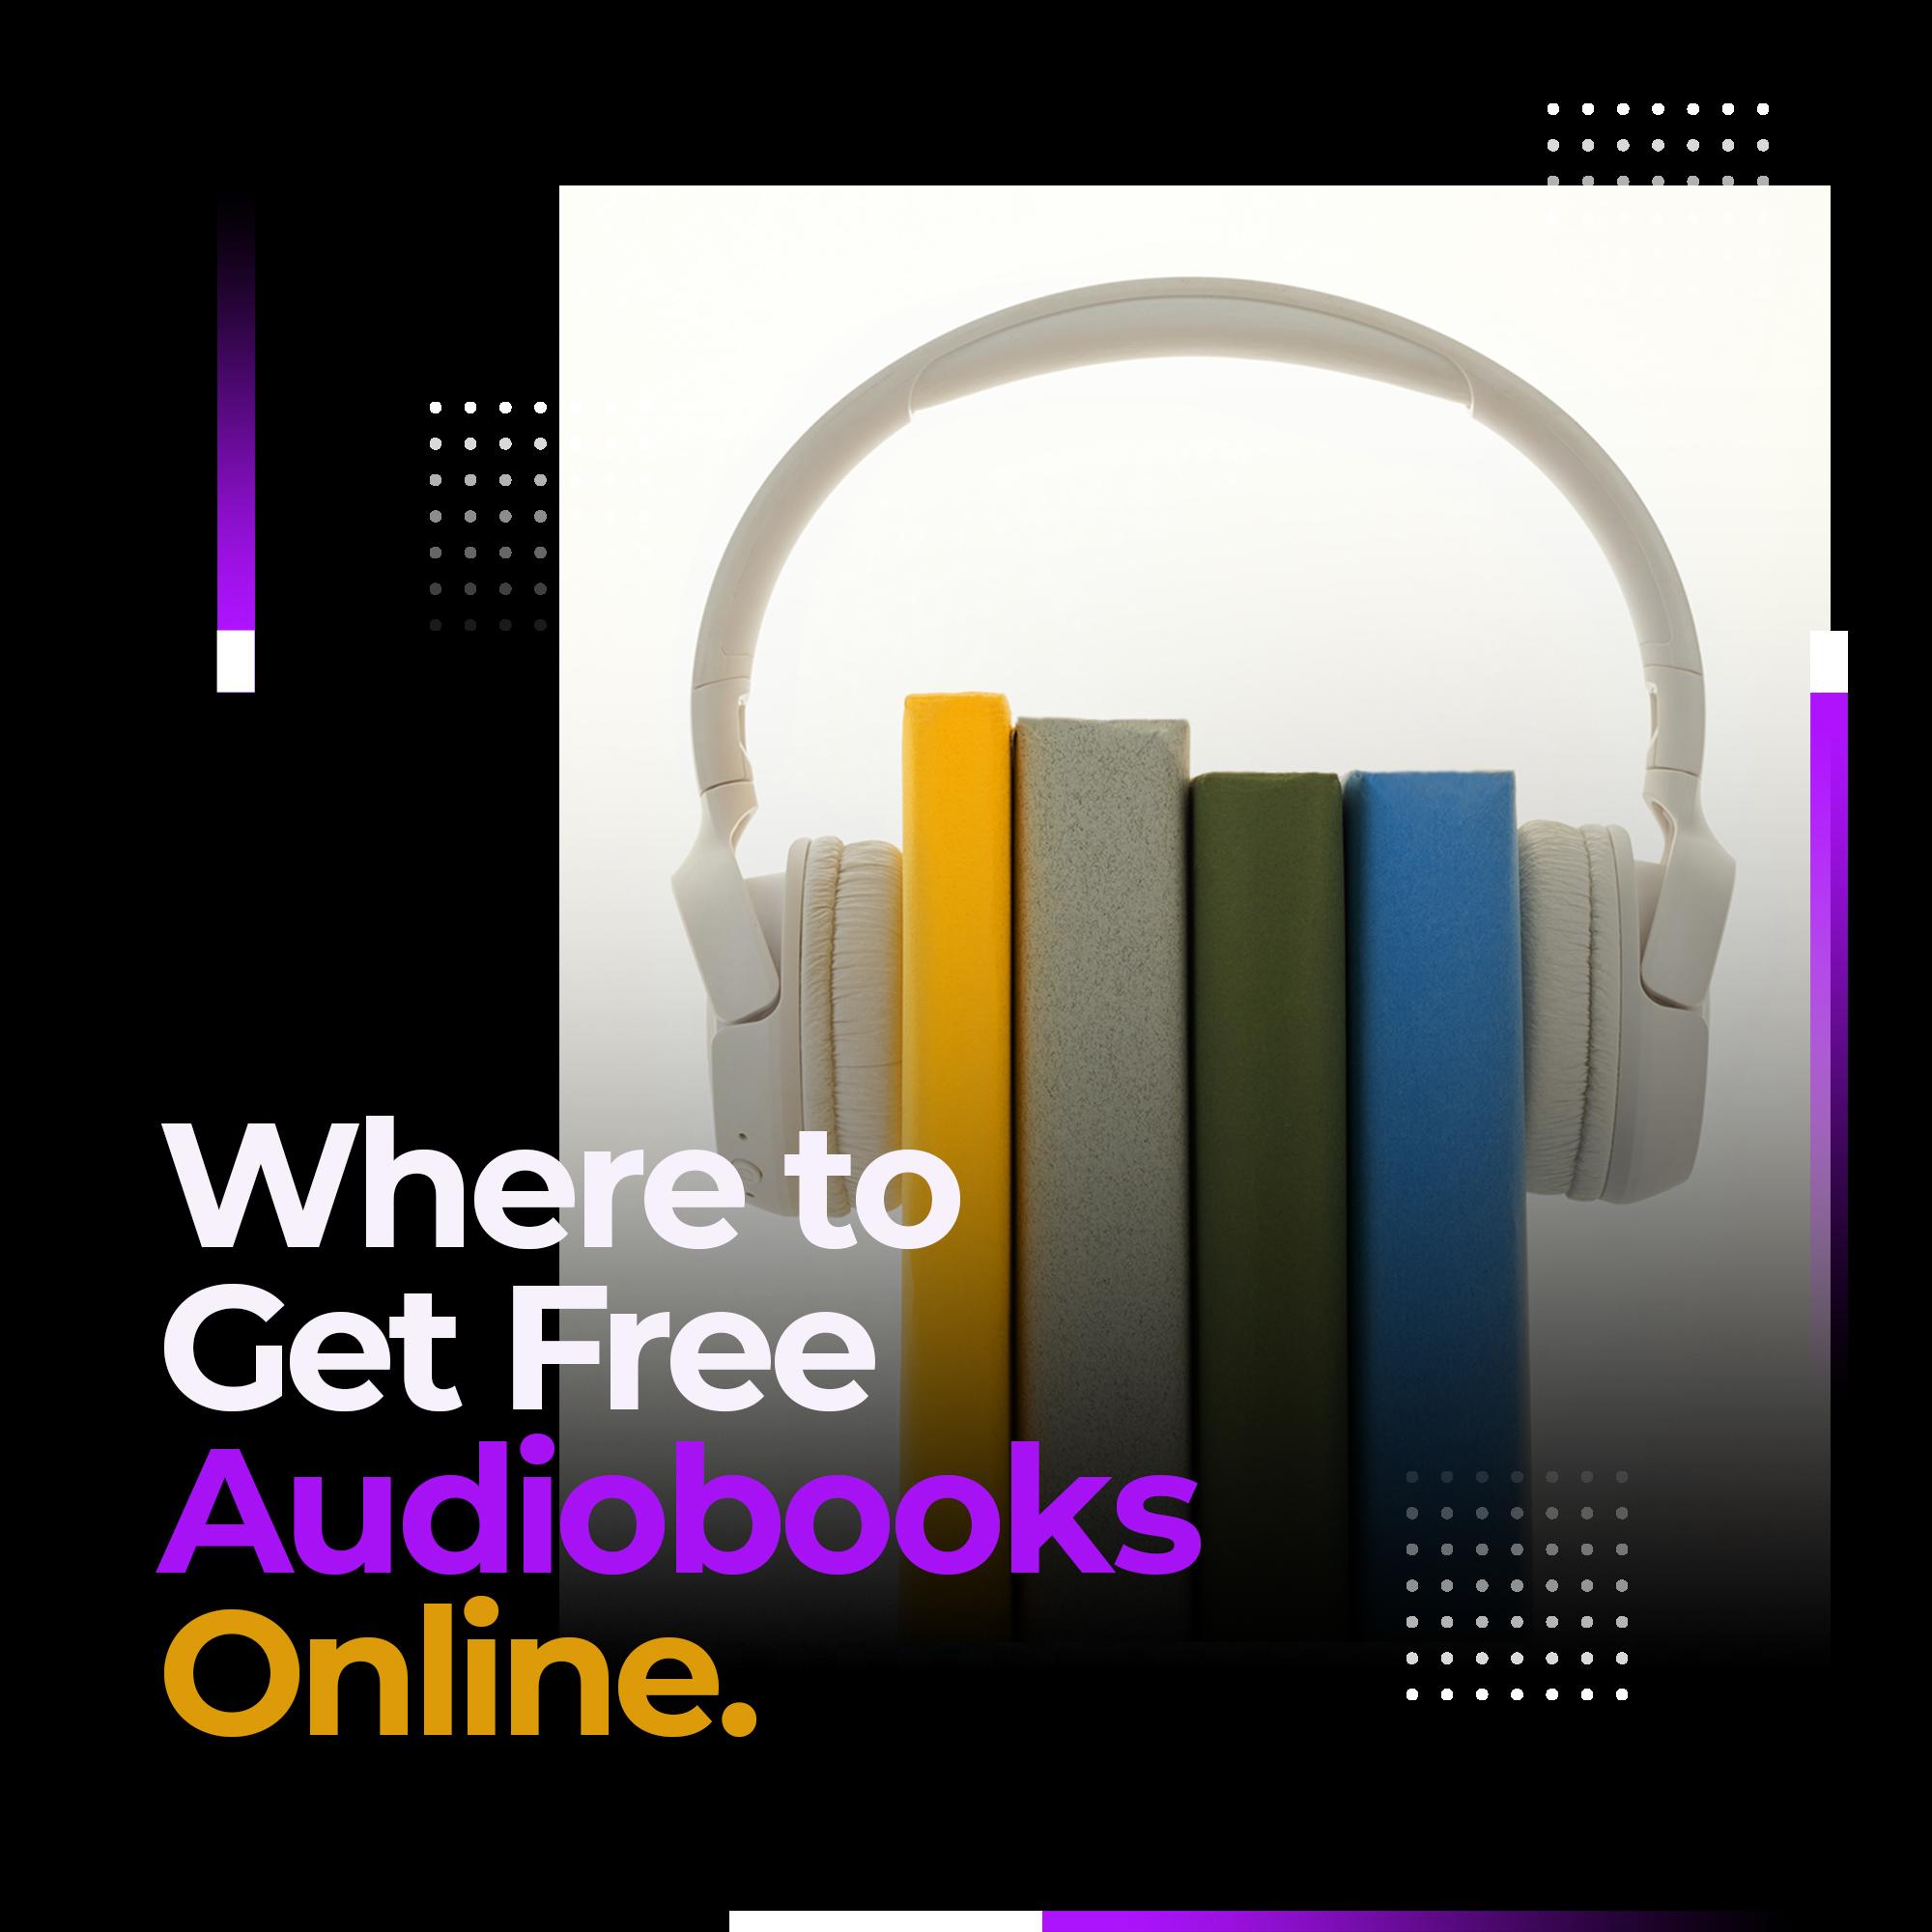 free audiobooks online